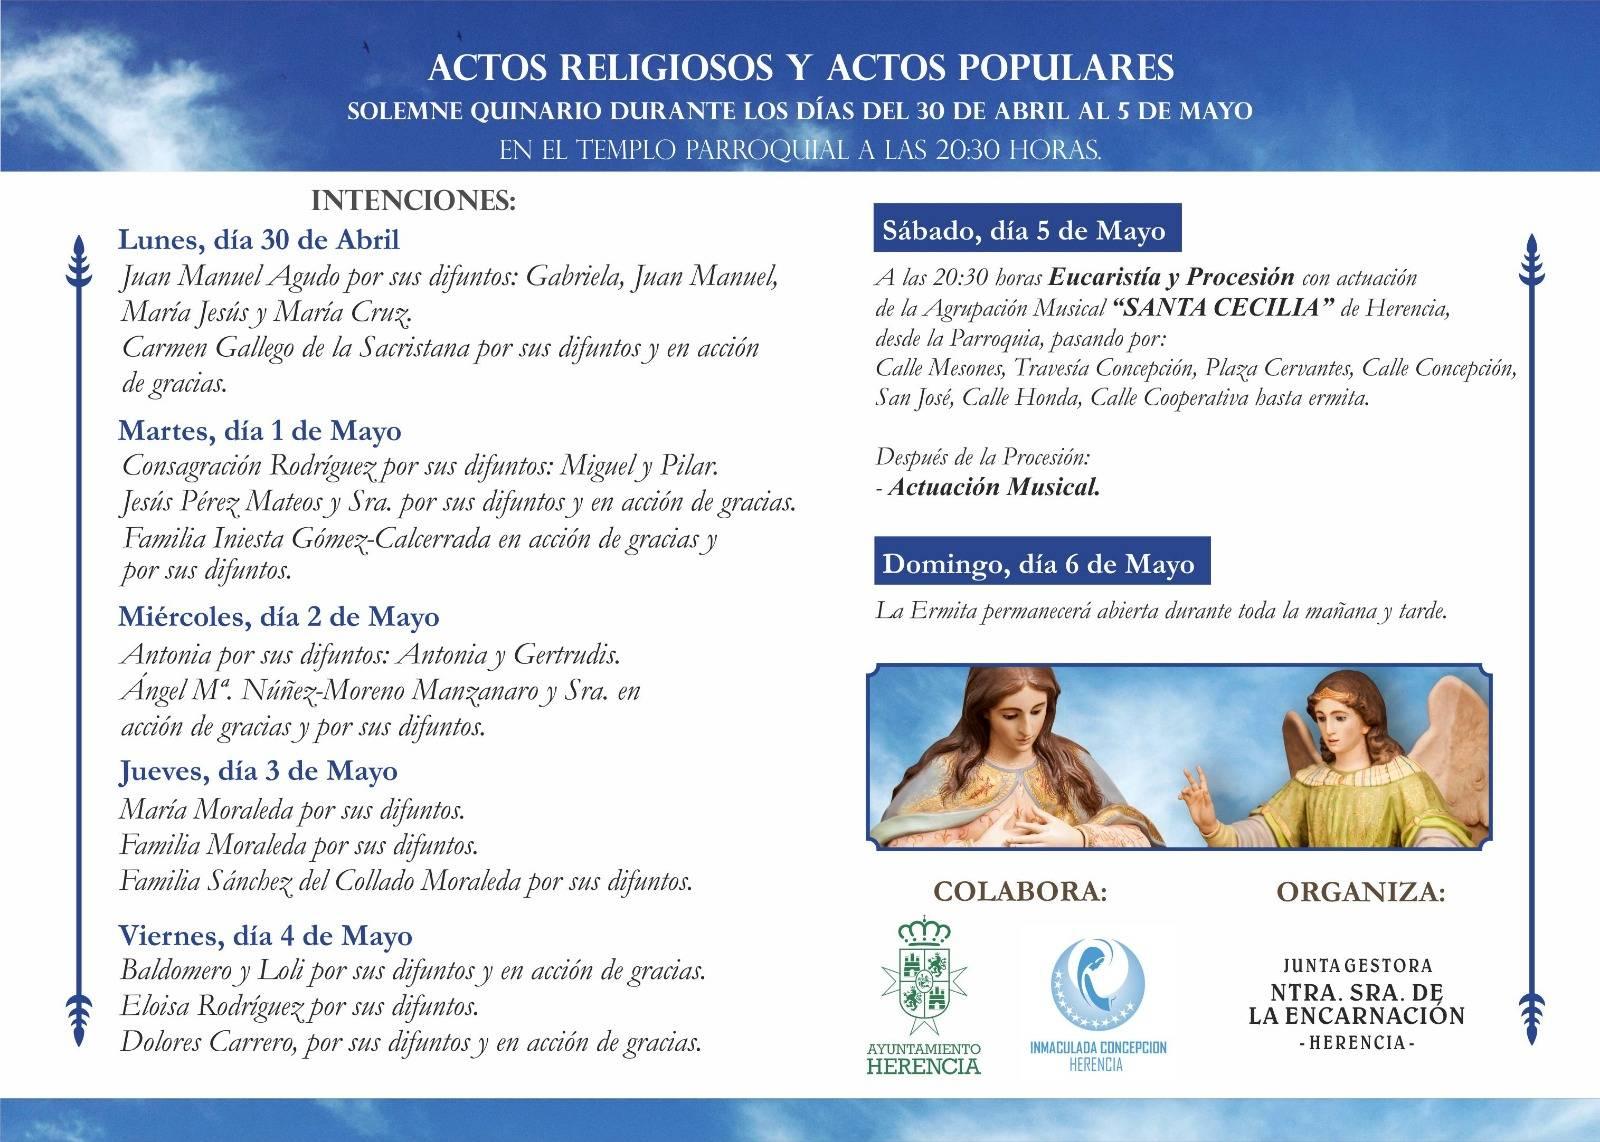 Fiestas en honor a Nuestra Se%C3%B1ora de la Encarnacion en Herencia2 - Fiestas en honor a Nuestra Señora de la Encarnación en Herencia